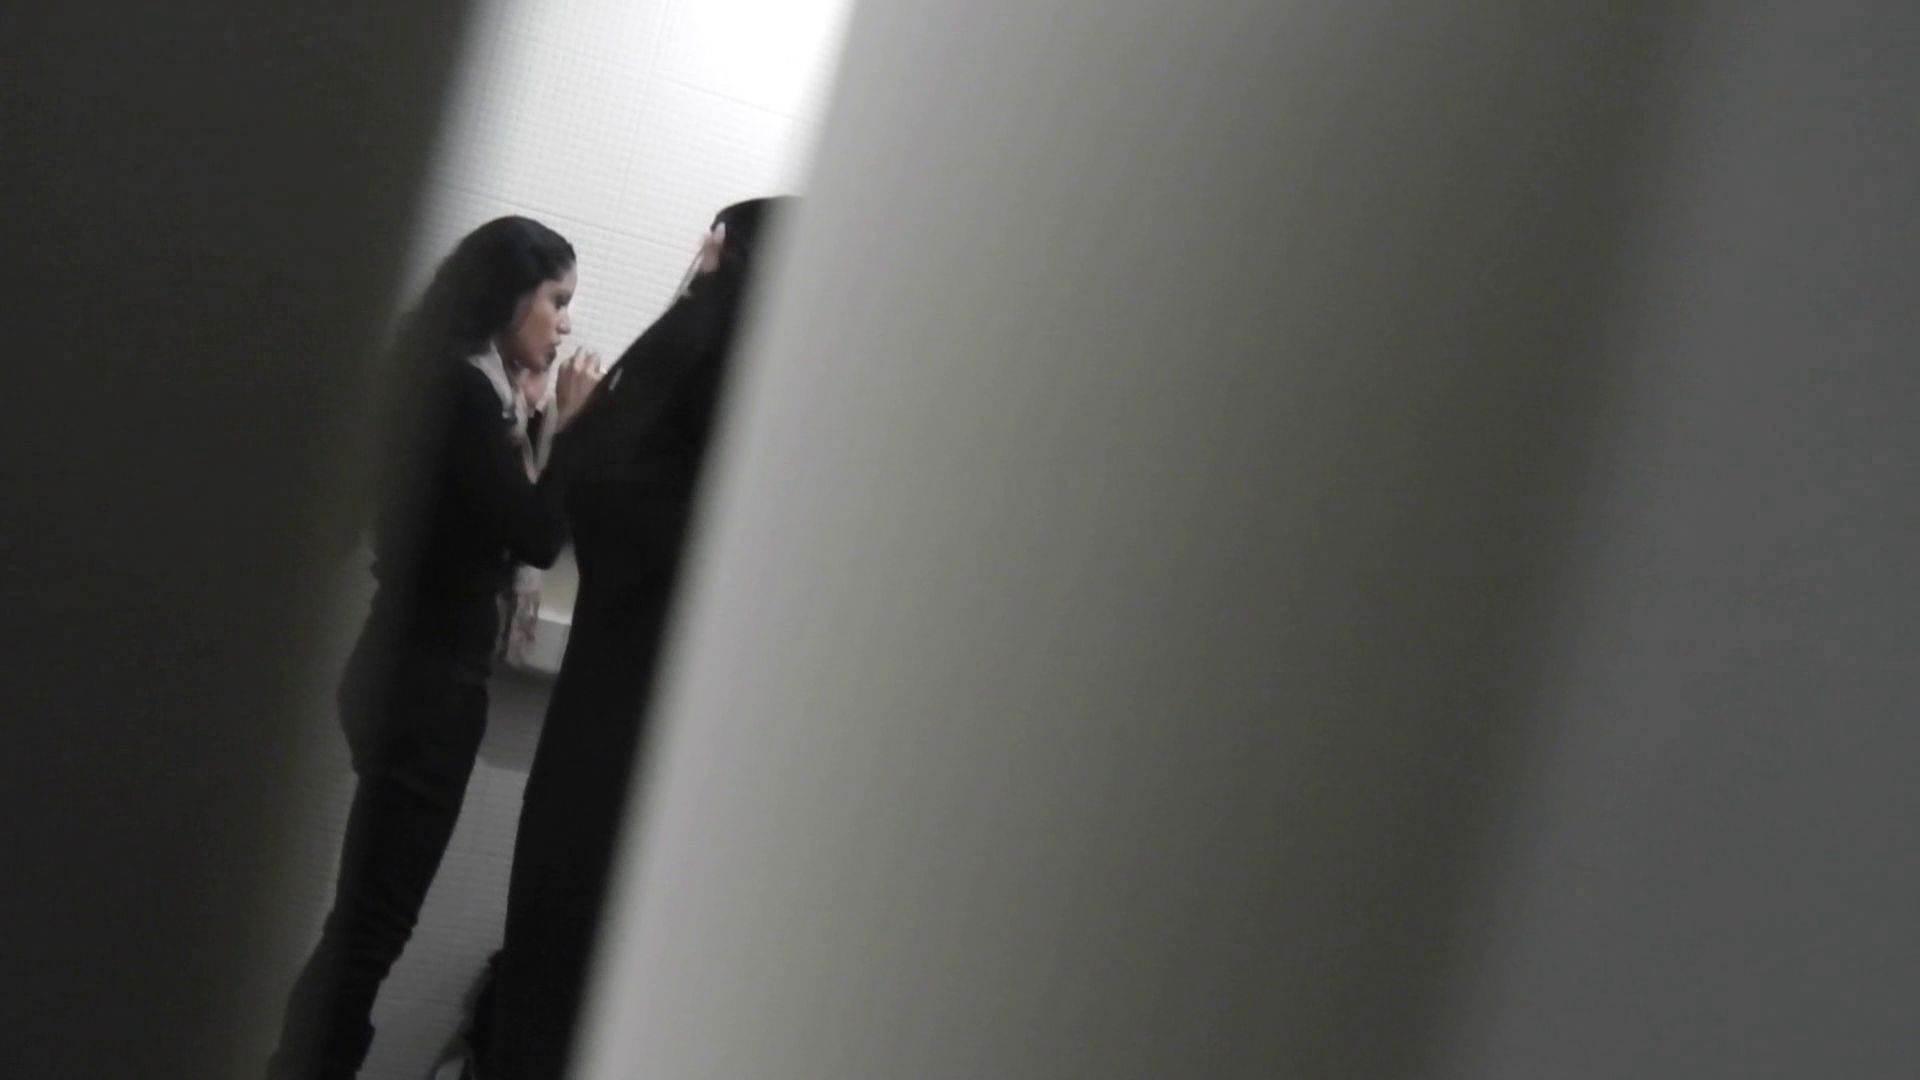 【日本成人用品展览会。超模如云】vol.01 着替 空爆 OLの実態   潜入  100pic 58